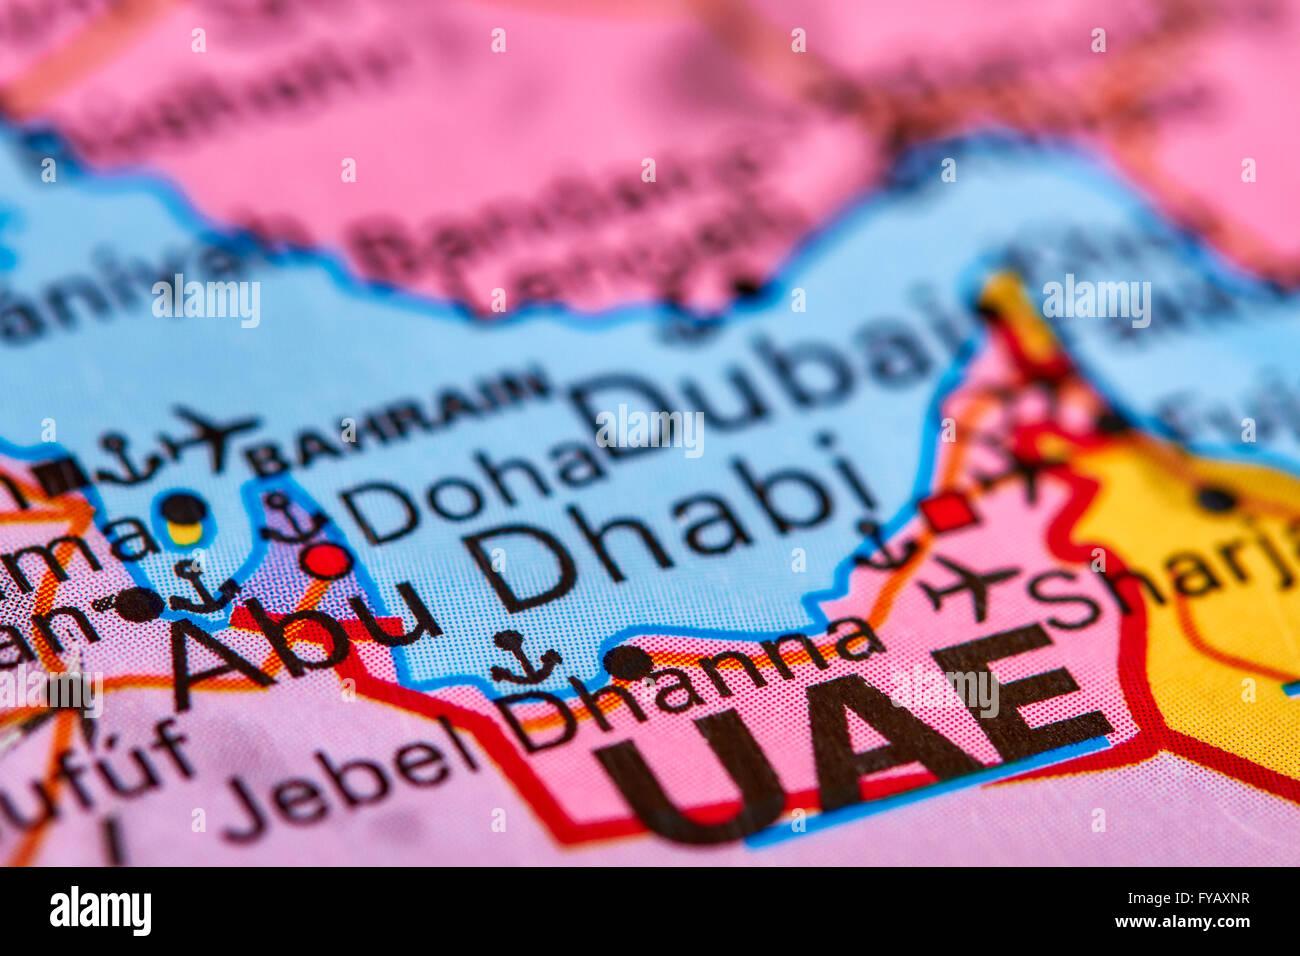 Abu Dhabi Capital City of United Arab Emirates on the World Map